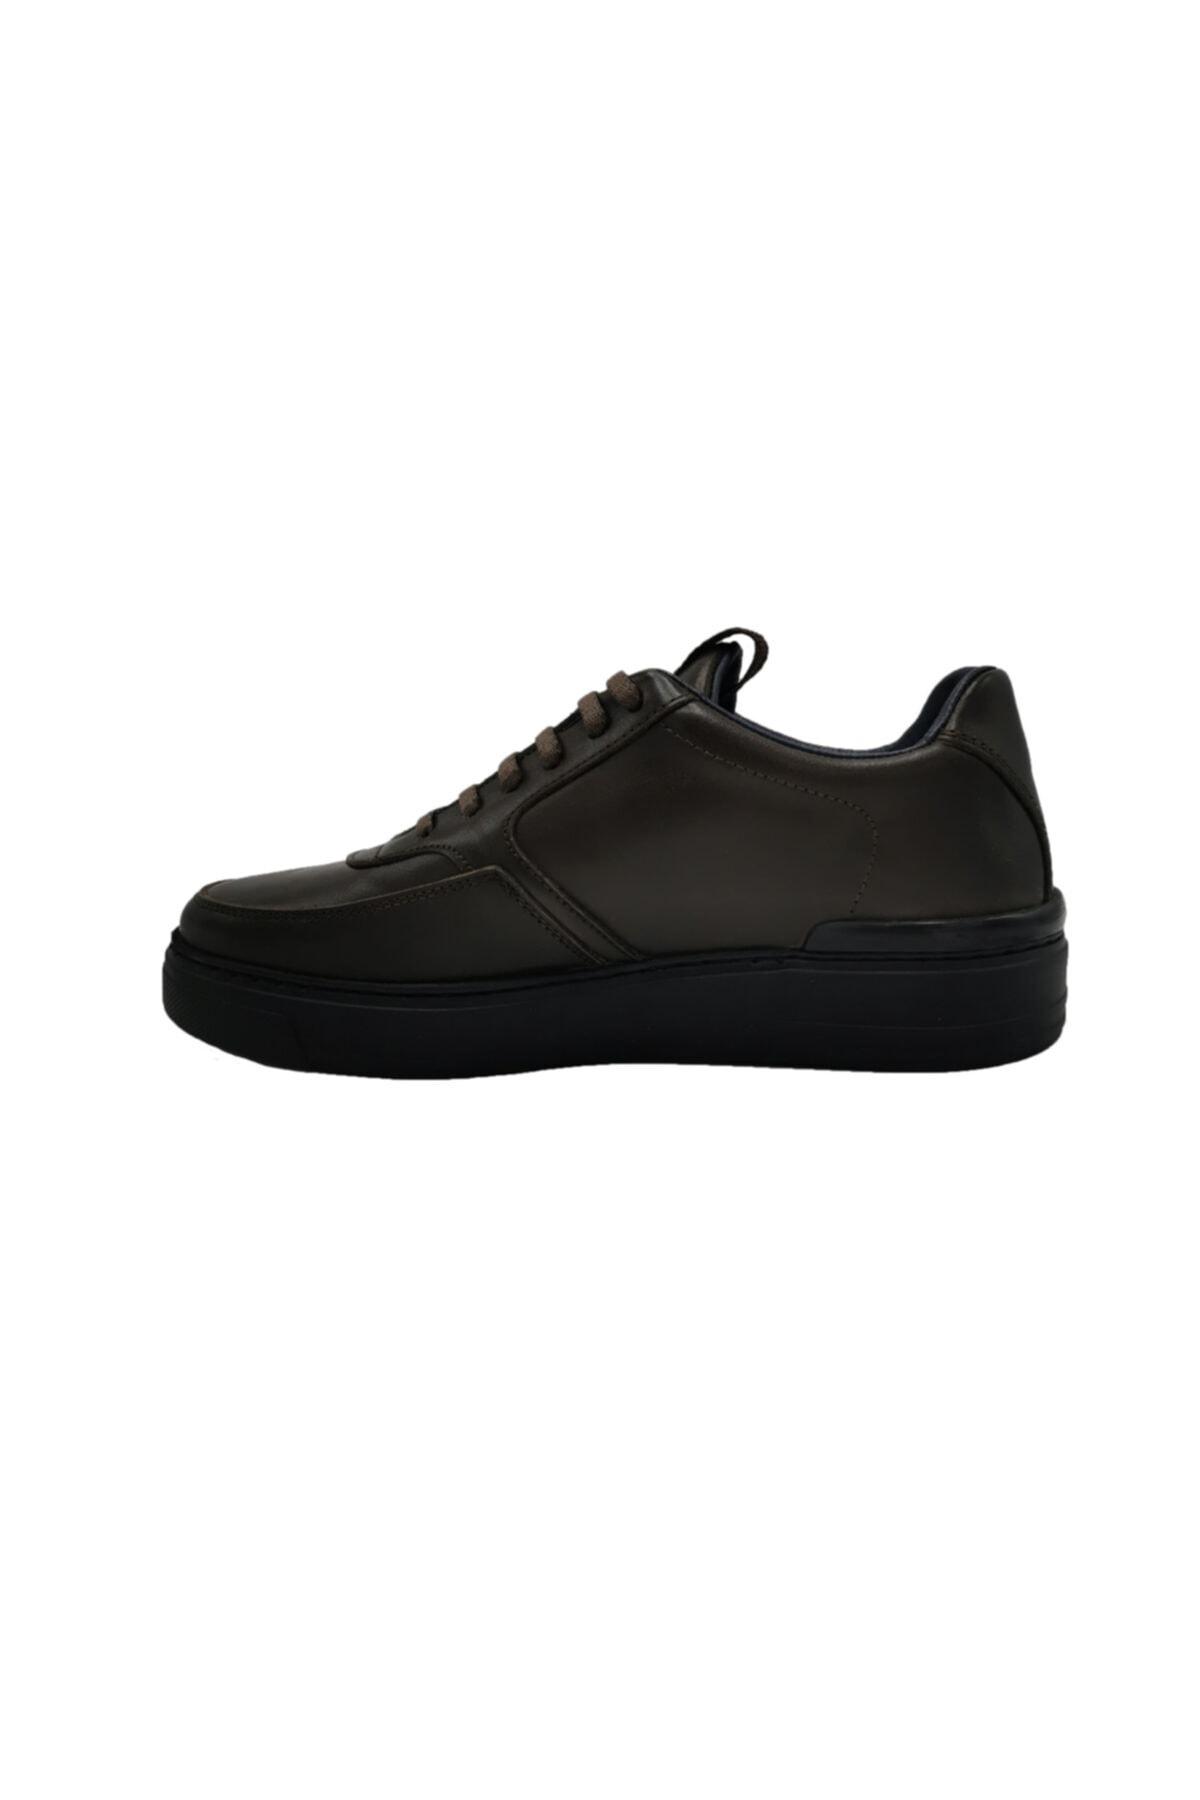 ALBERTO GUARDIANI Hakiki Deri Sneaker Erkek Ayakkabı 2